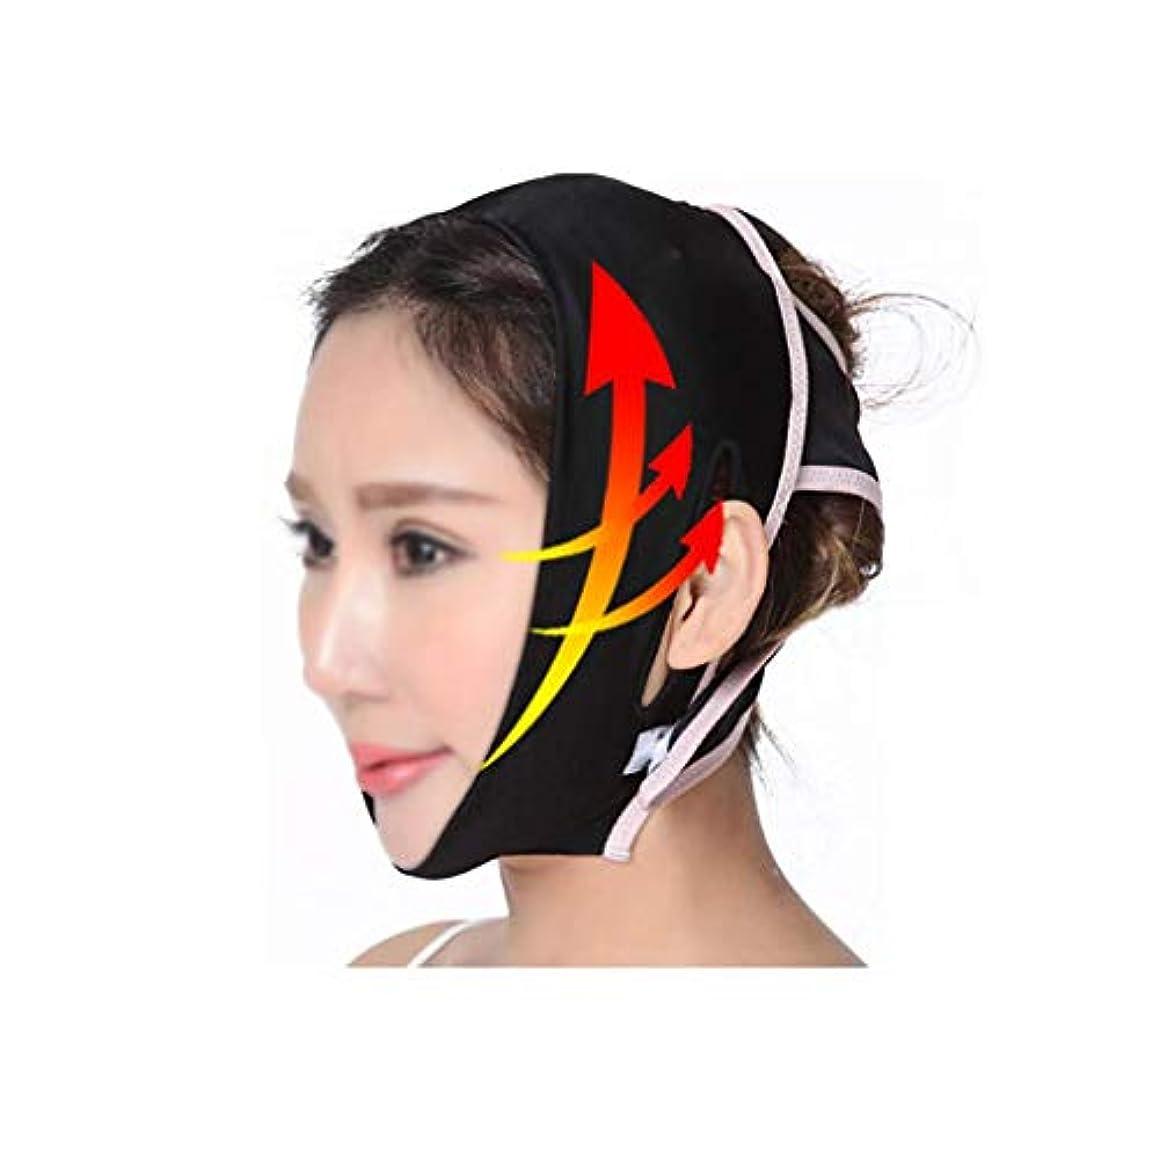 達成可能言及するステープルフェイスリフトマスク、フェイスマスクスリーピングフェイスシェーピングフェイス包帯フェイシャルリフティングVフェイスフェイスアーティファクト回復通気性ネックストラップ(サイズ:M),M